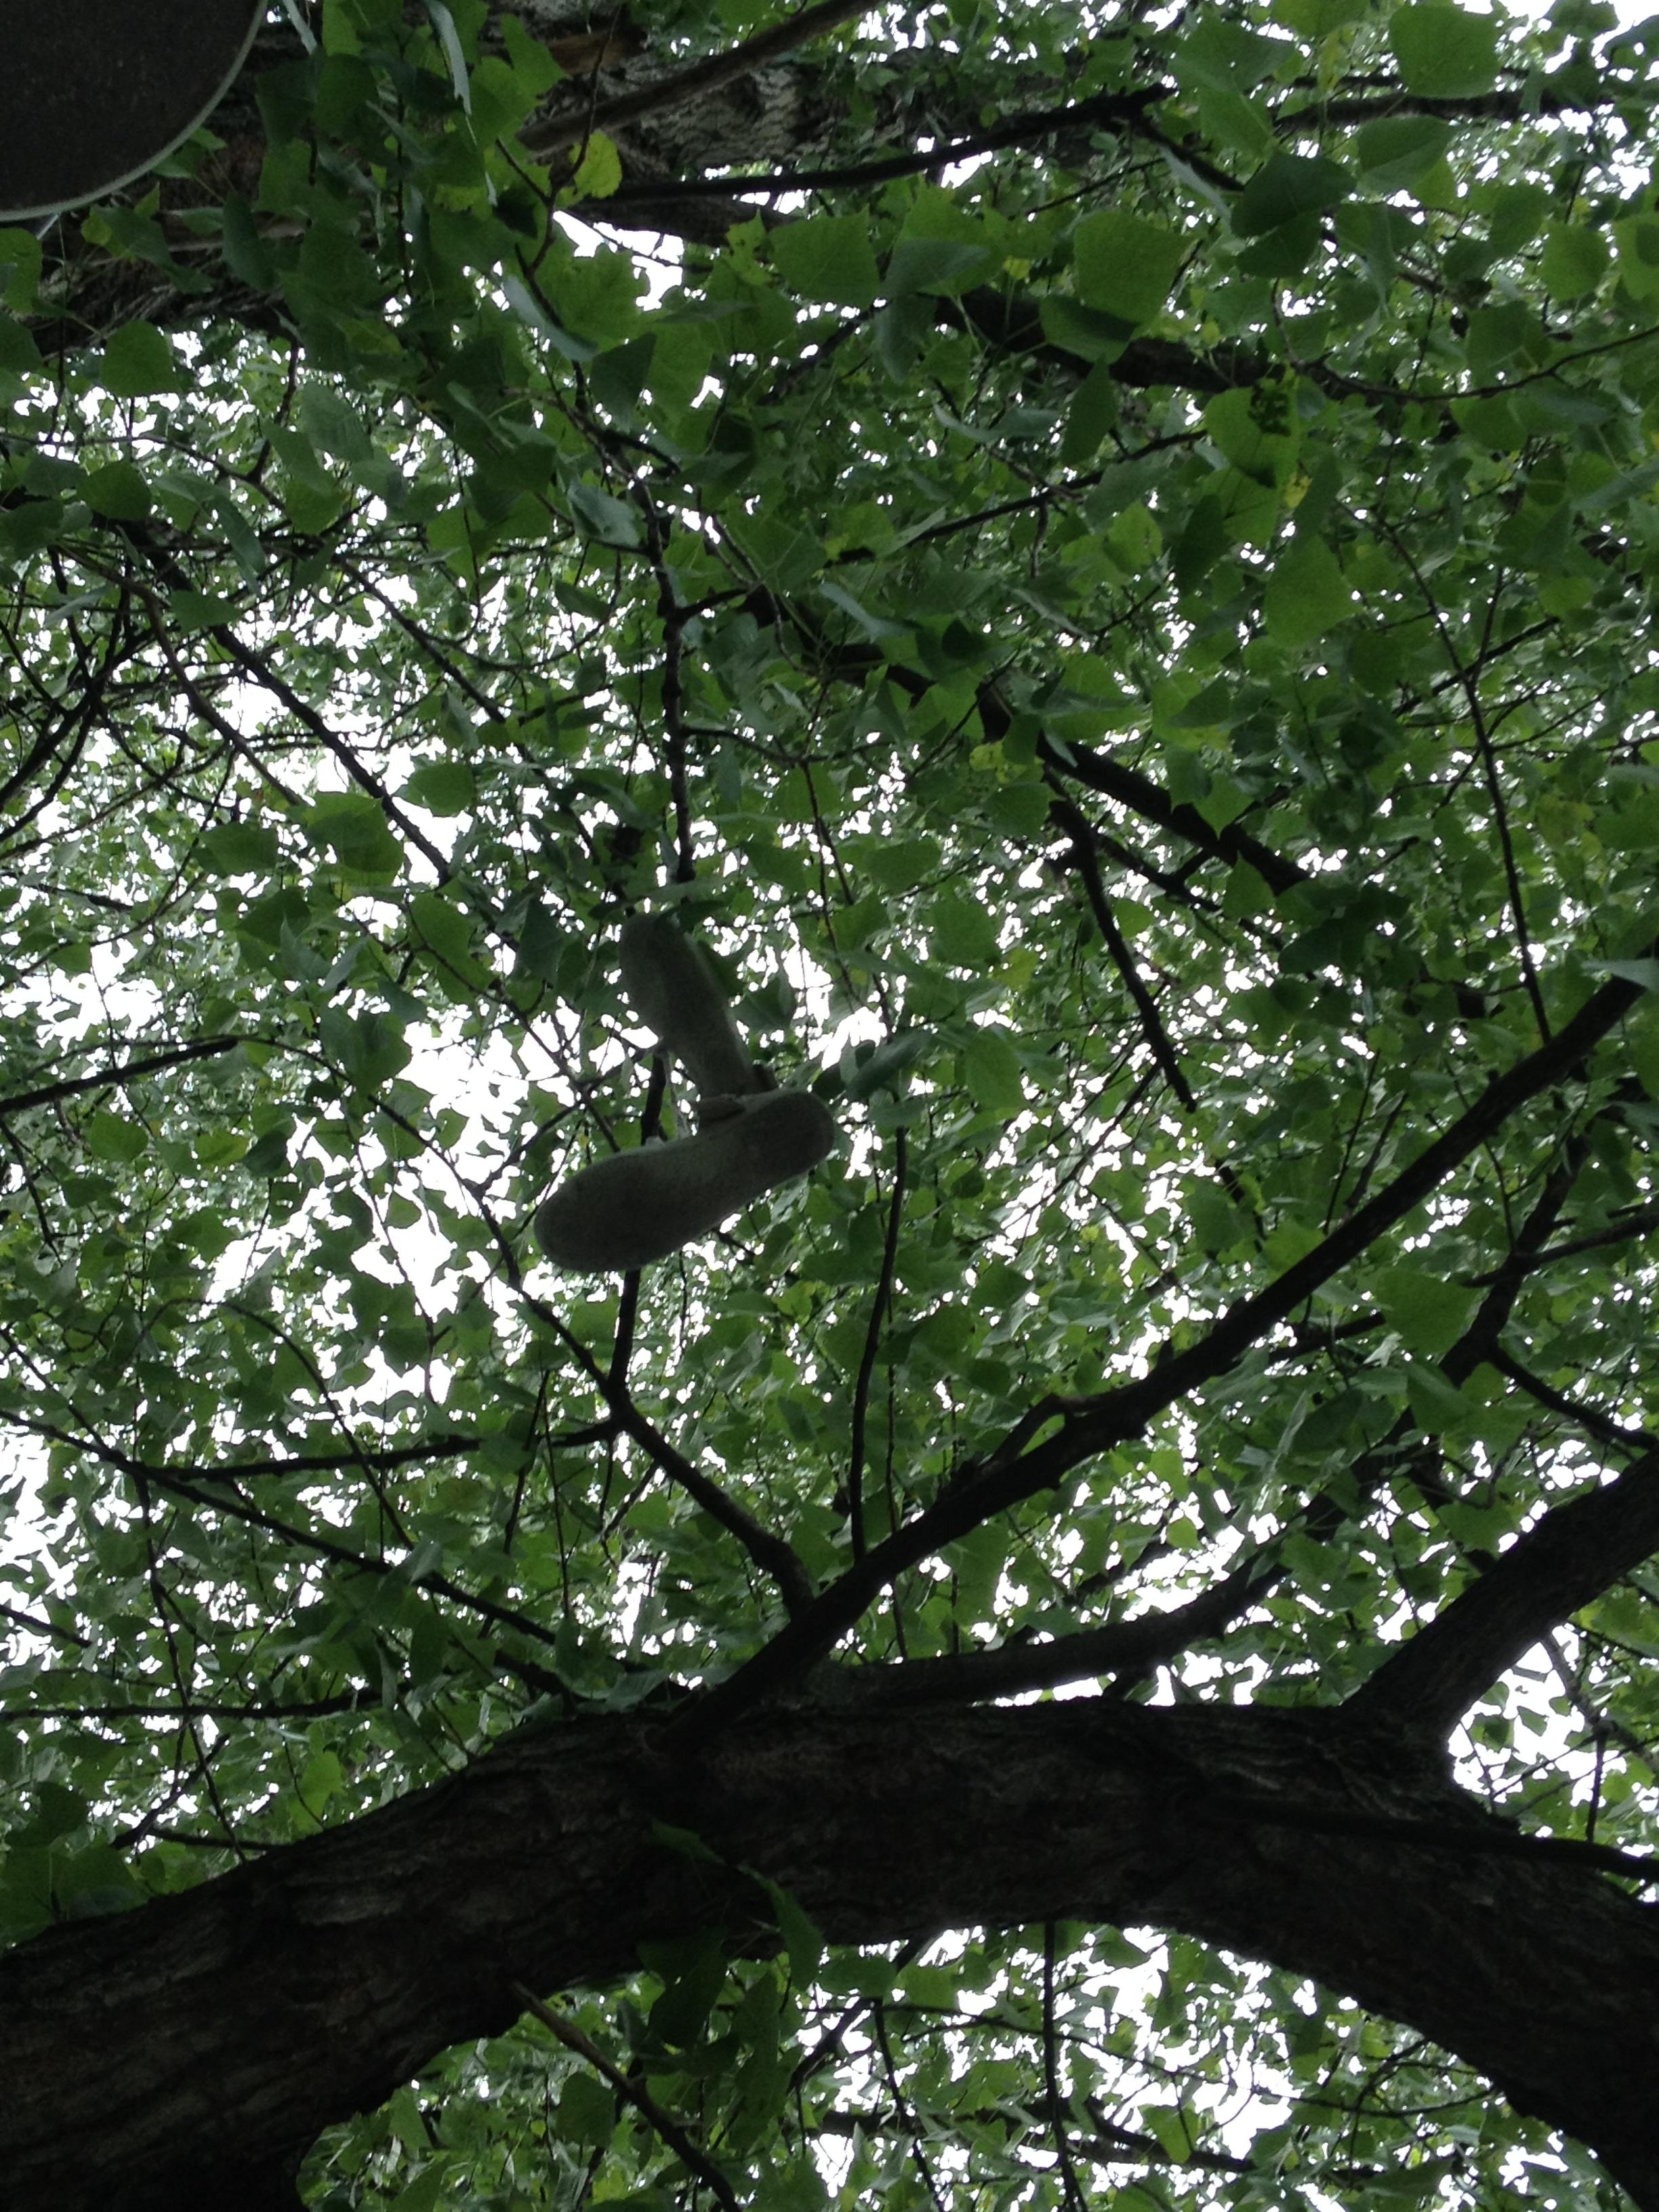 Scarpe trovate su un albero. Potrebbero essere uno scherzo finito male. Ma tirarle giù non sembra neppure impossibile...